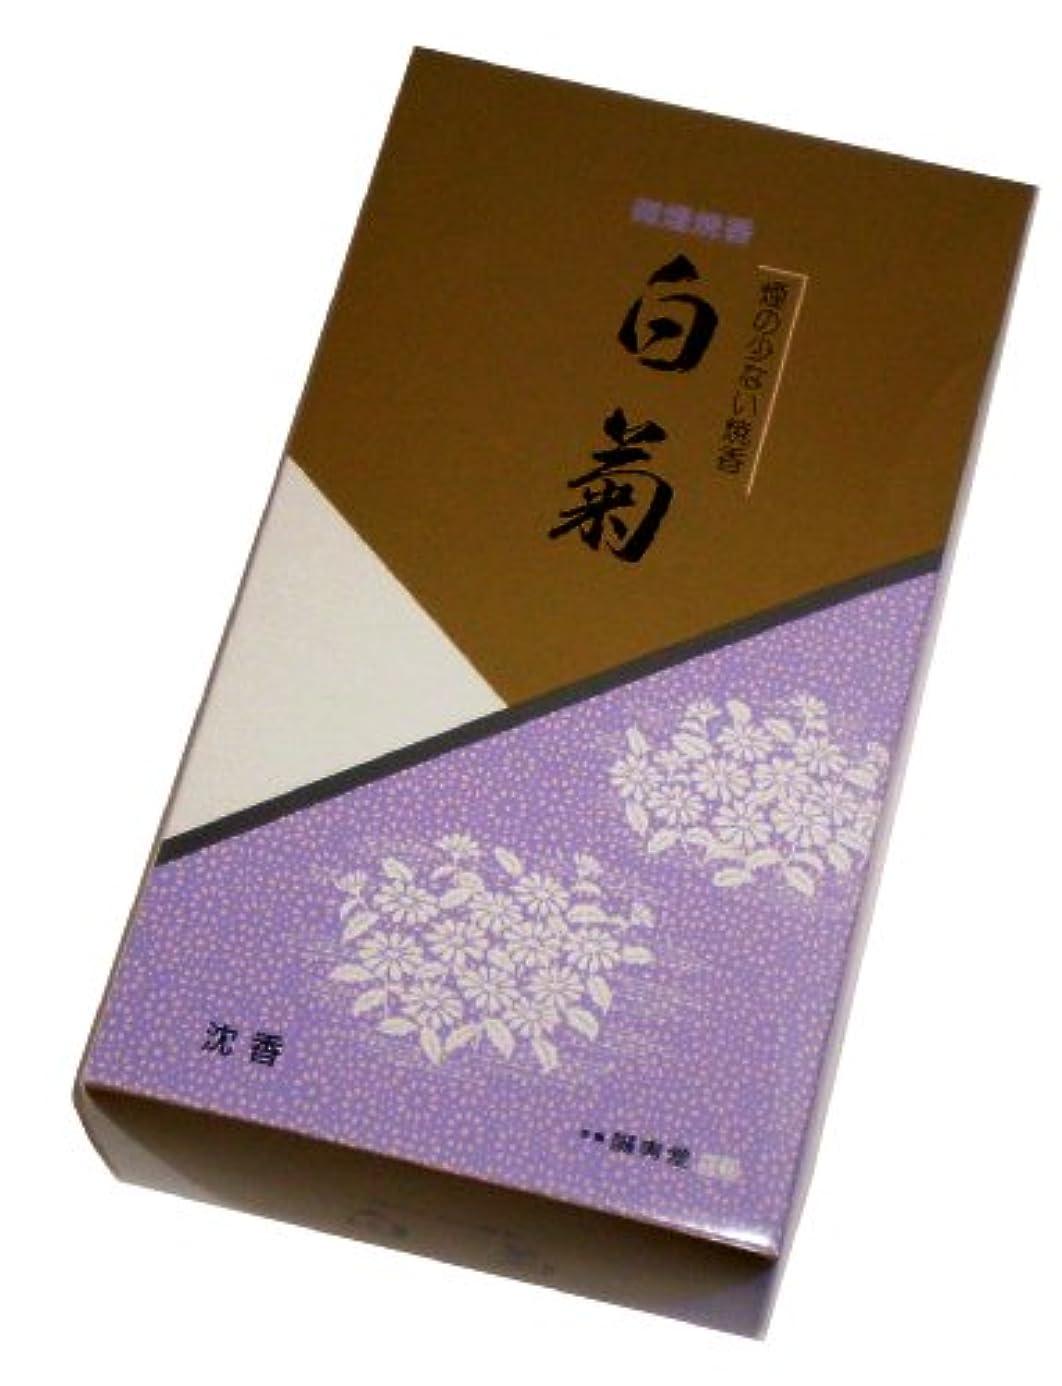 熱意三角形のど誠寿堂のお線香 微煙焼香 白菊(沈香) 500g #J21